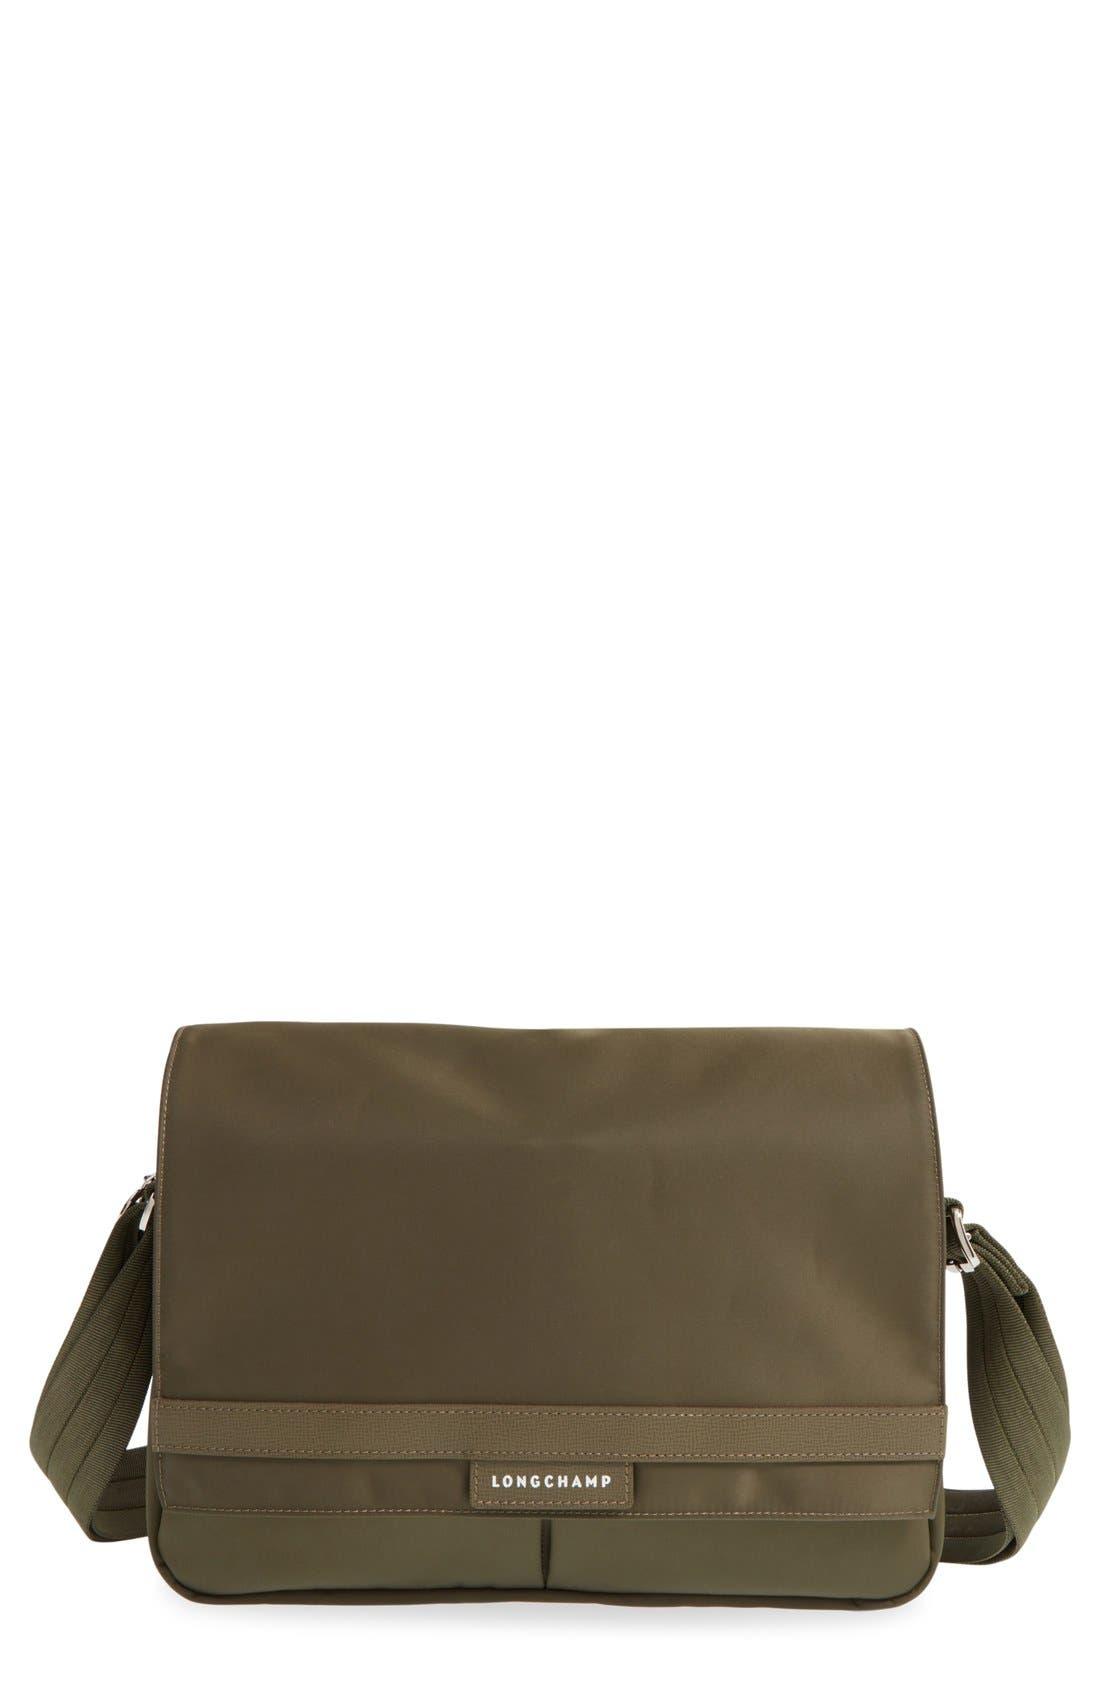 Alternate Image 1 Selected - Longchamp 'Le Pliage Neo' Messenger Bag